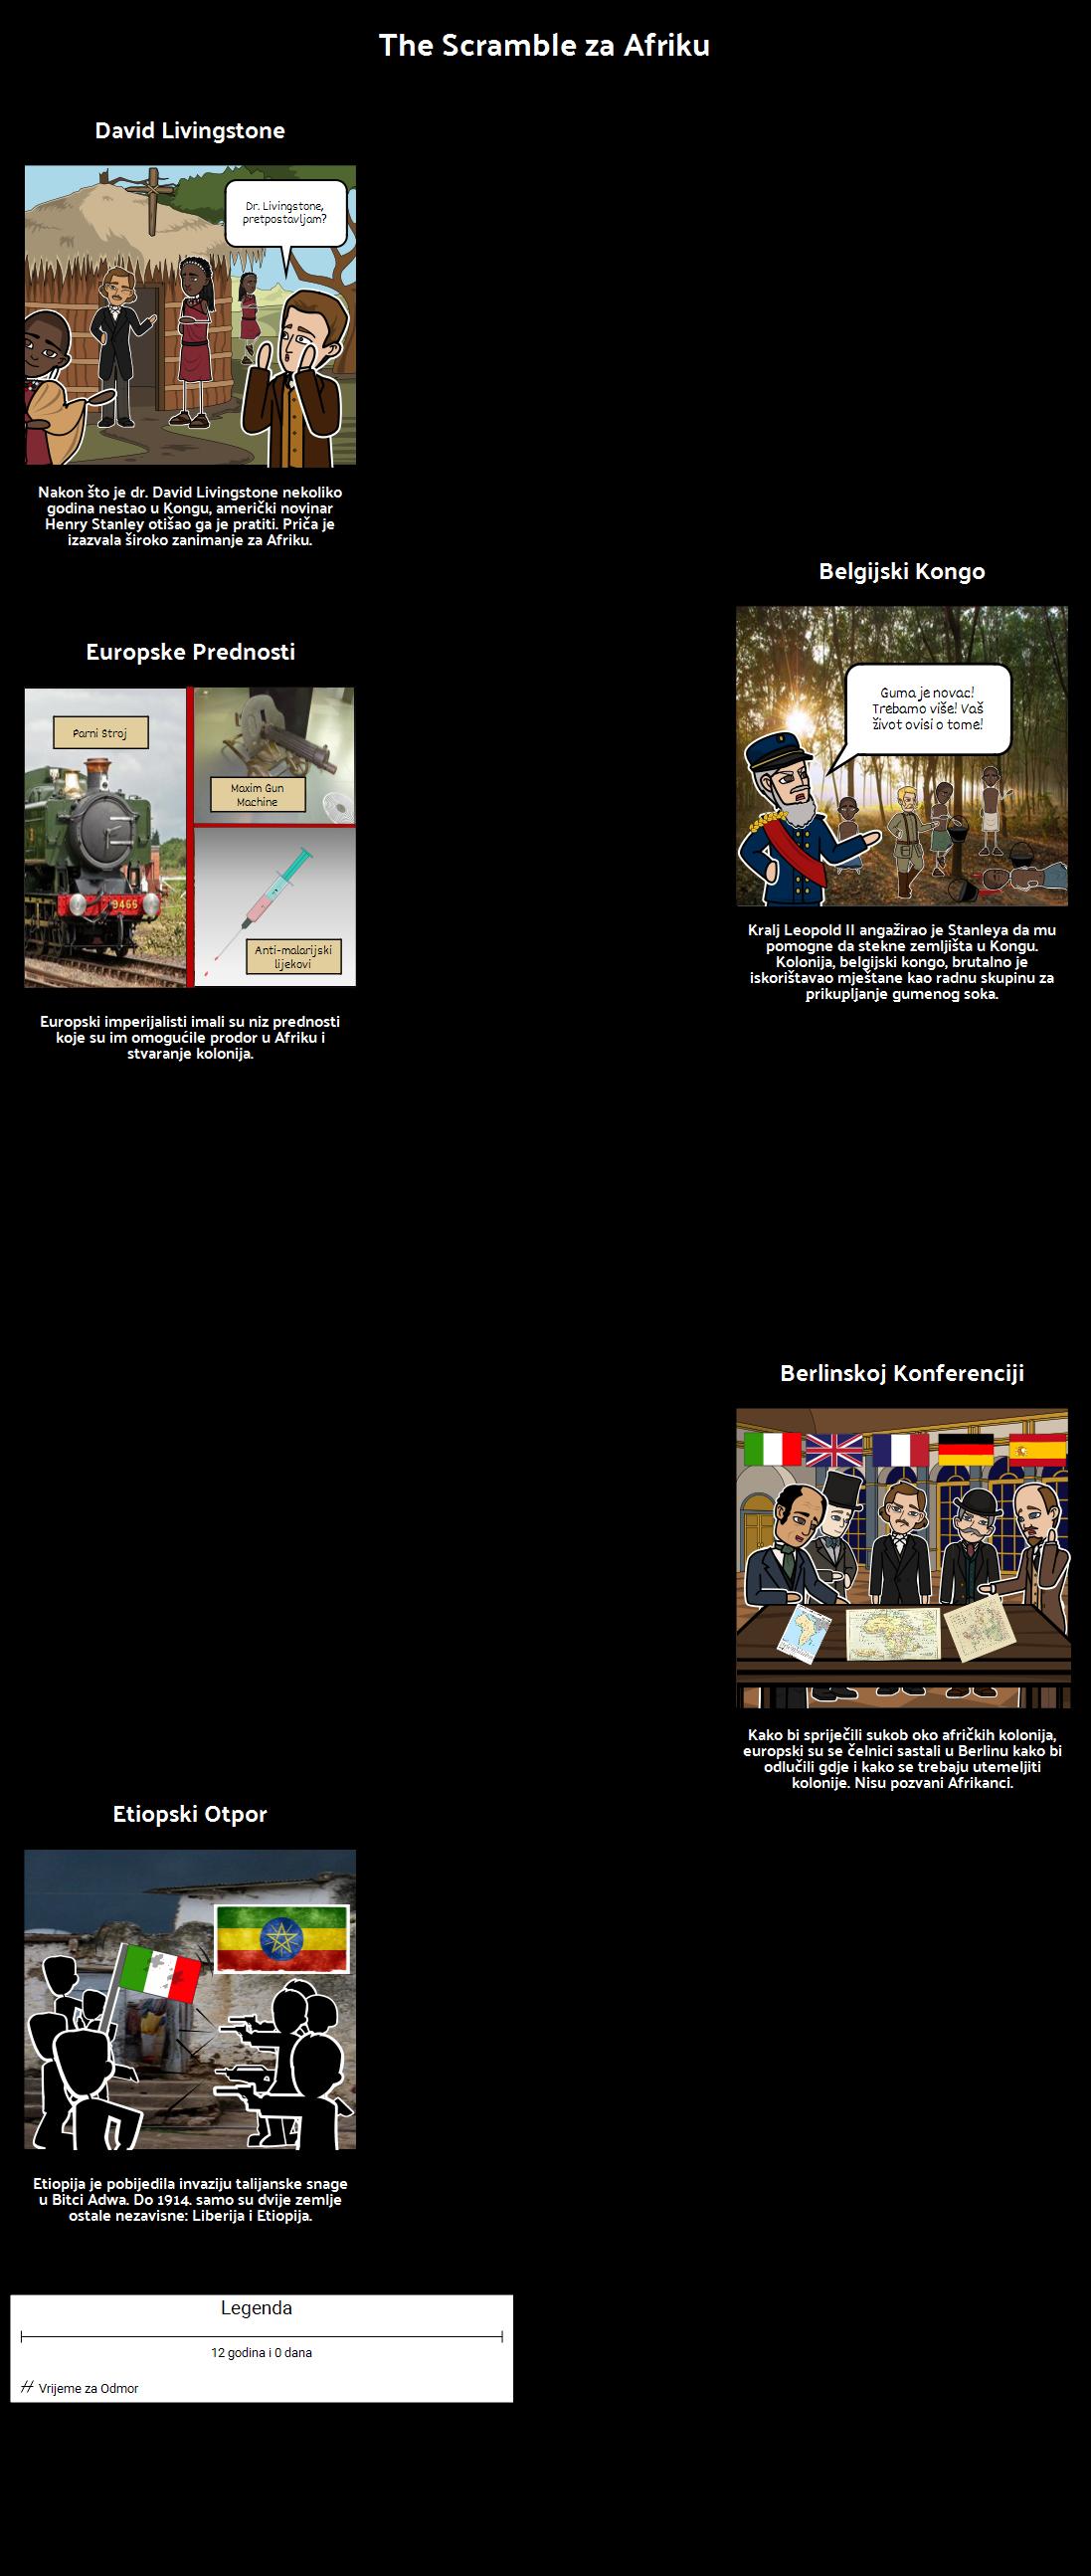 Povijest Imperijalizma - Otimanje za Afriku